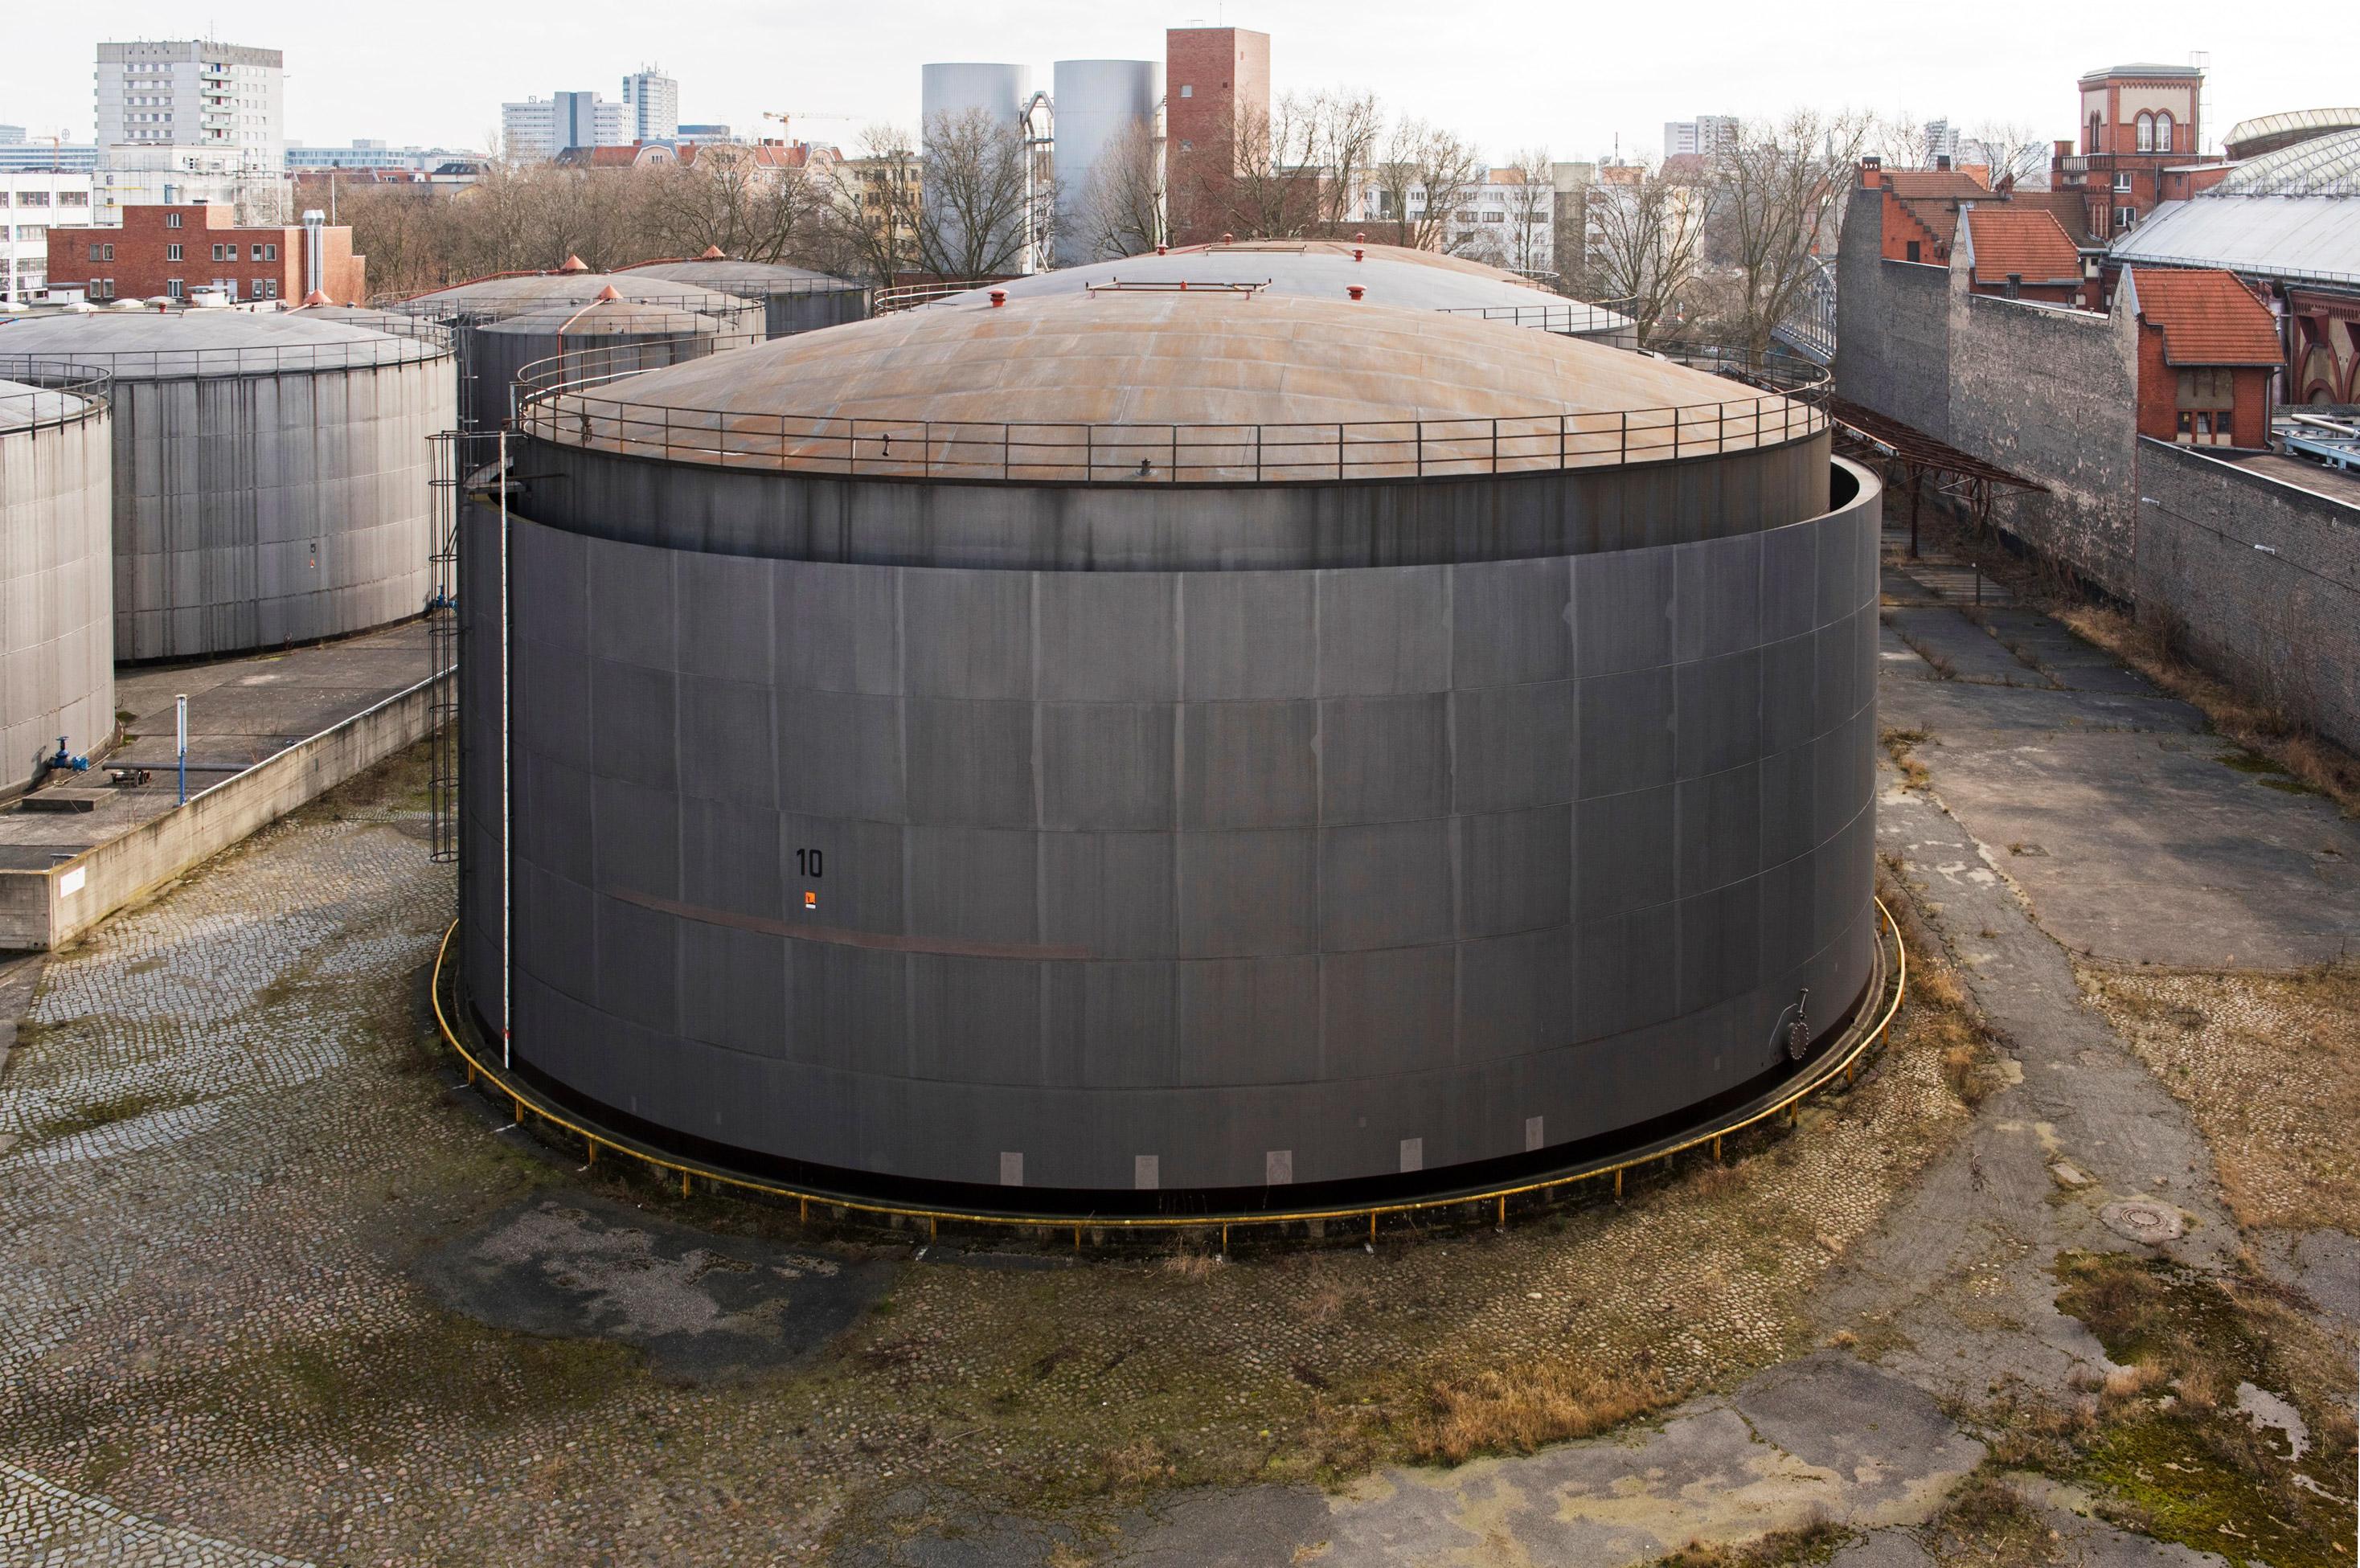 WerkBundStadt_Tanklager